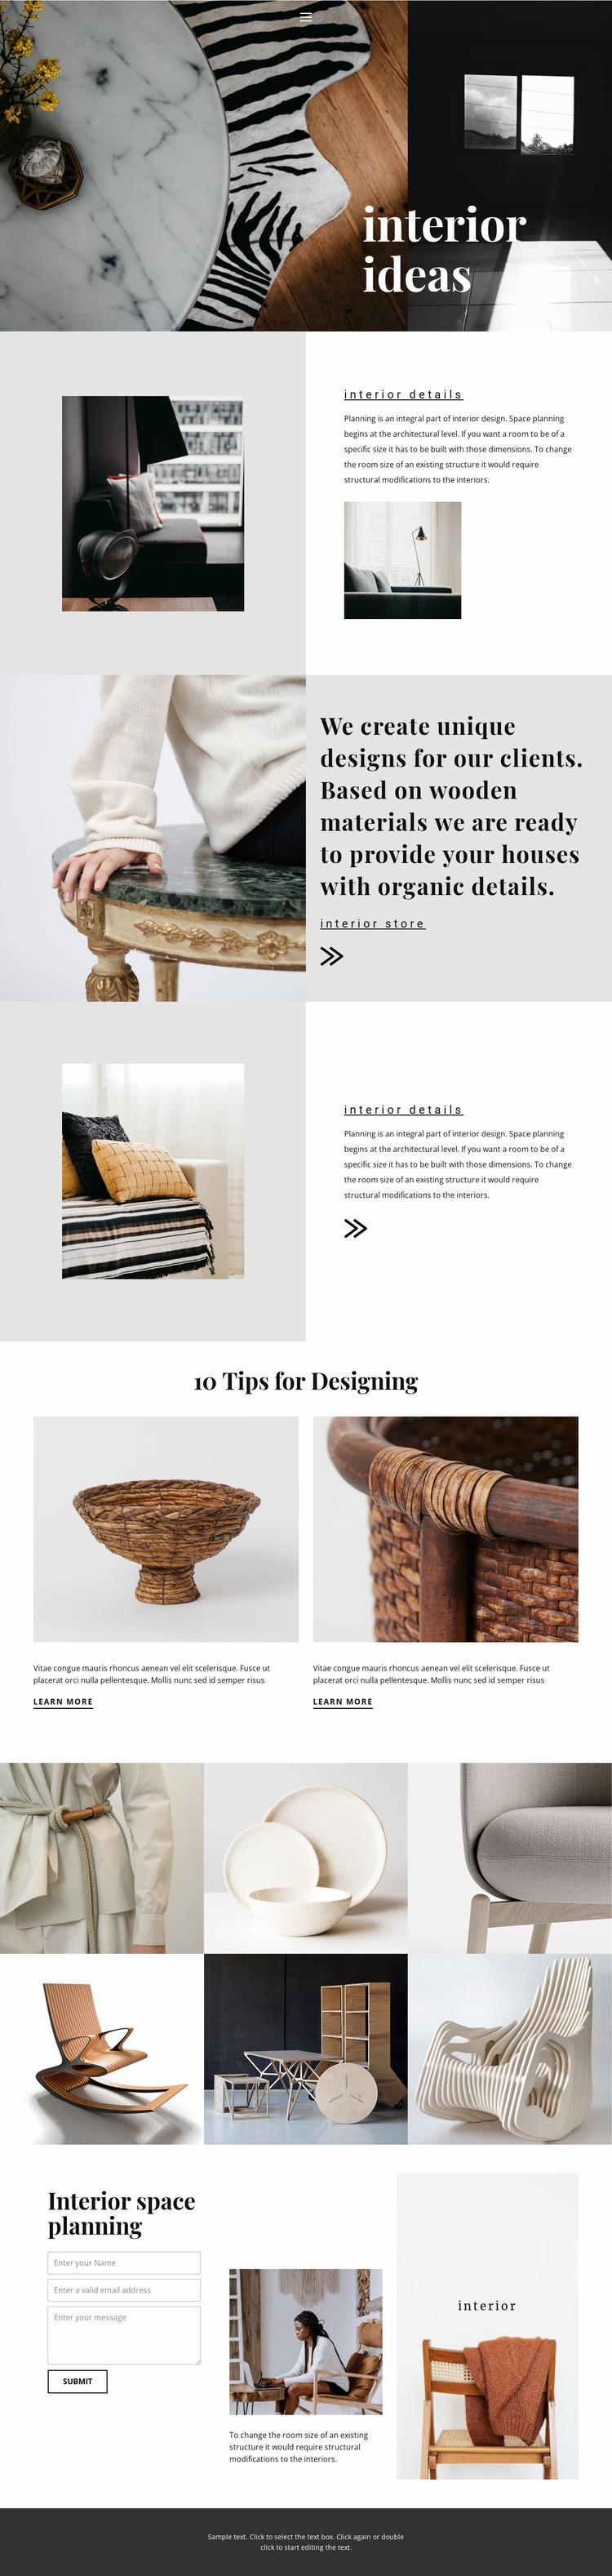 New interior ideas Website Mockup